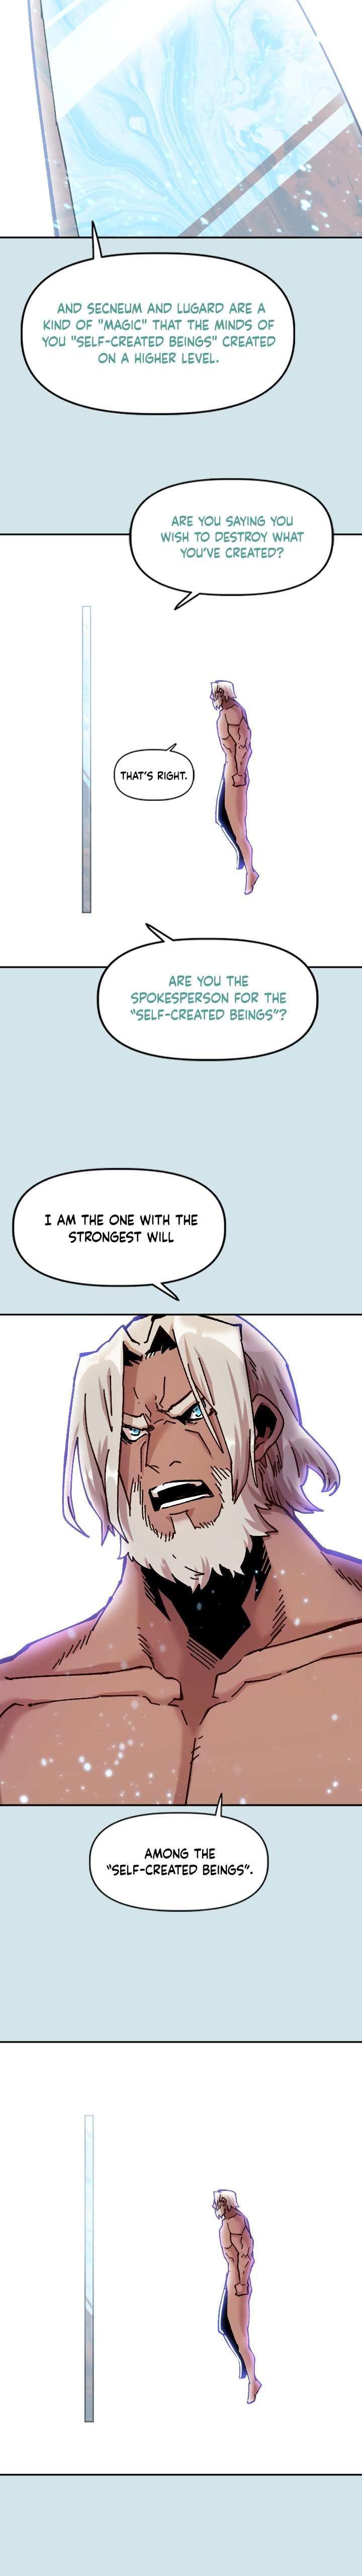 Slave B Chapter 79 page 6 - Mangakakalot